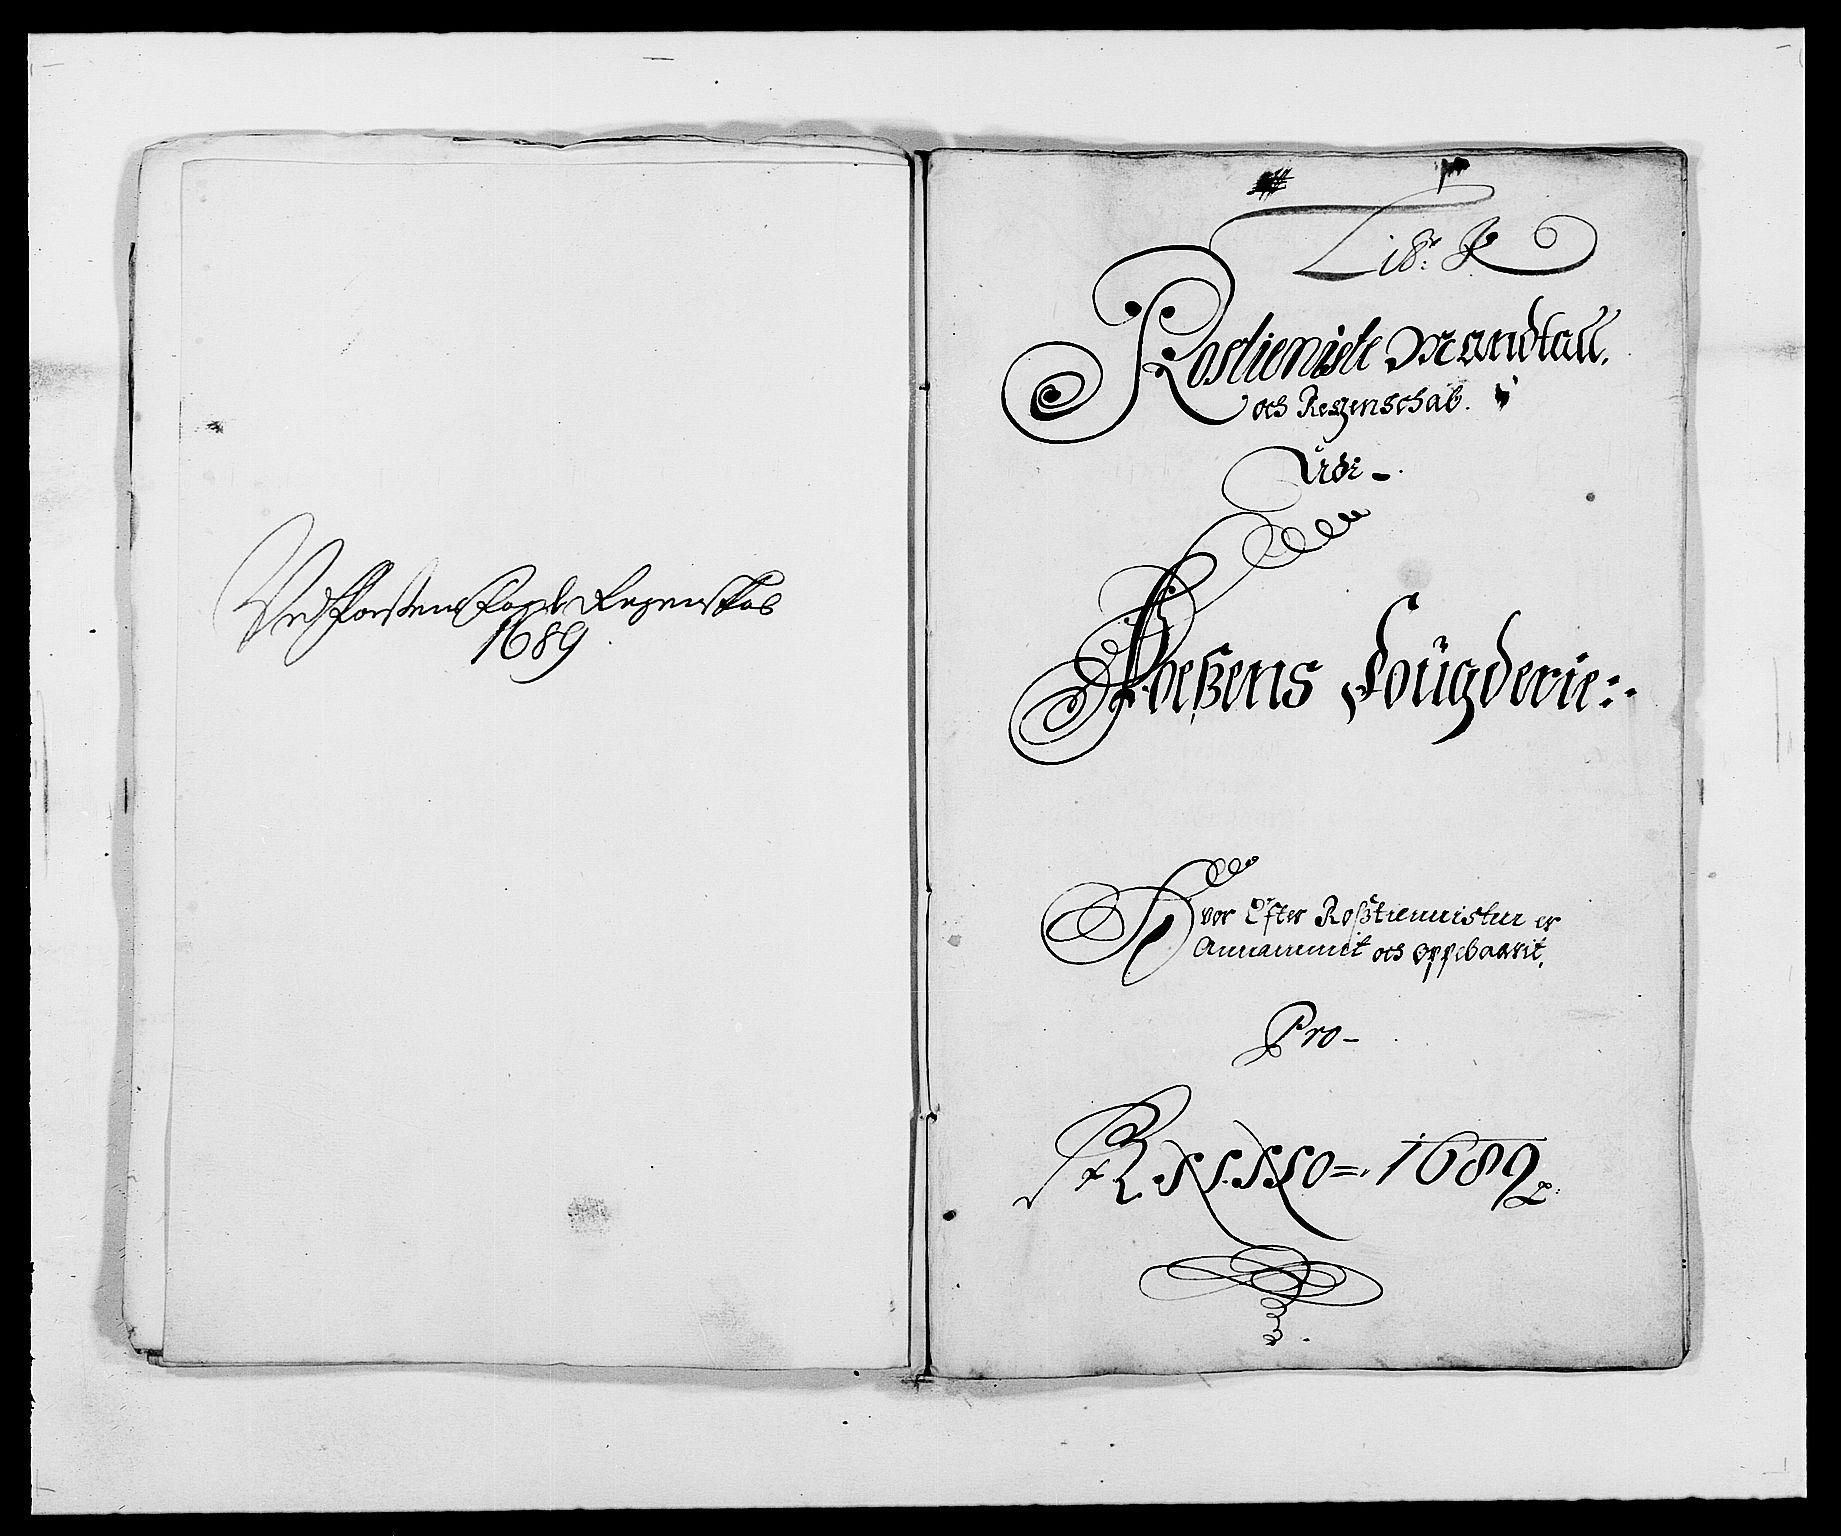 RA, Rentekammeret inntil 1814, Reviderte regnskaper, Fogderegnskap, R57/L3847: Fogderegnskap Fosen, 1689, s. 79